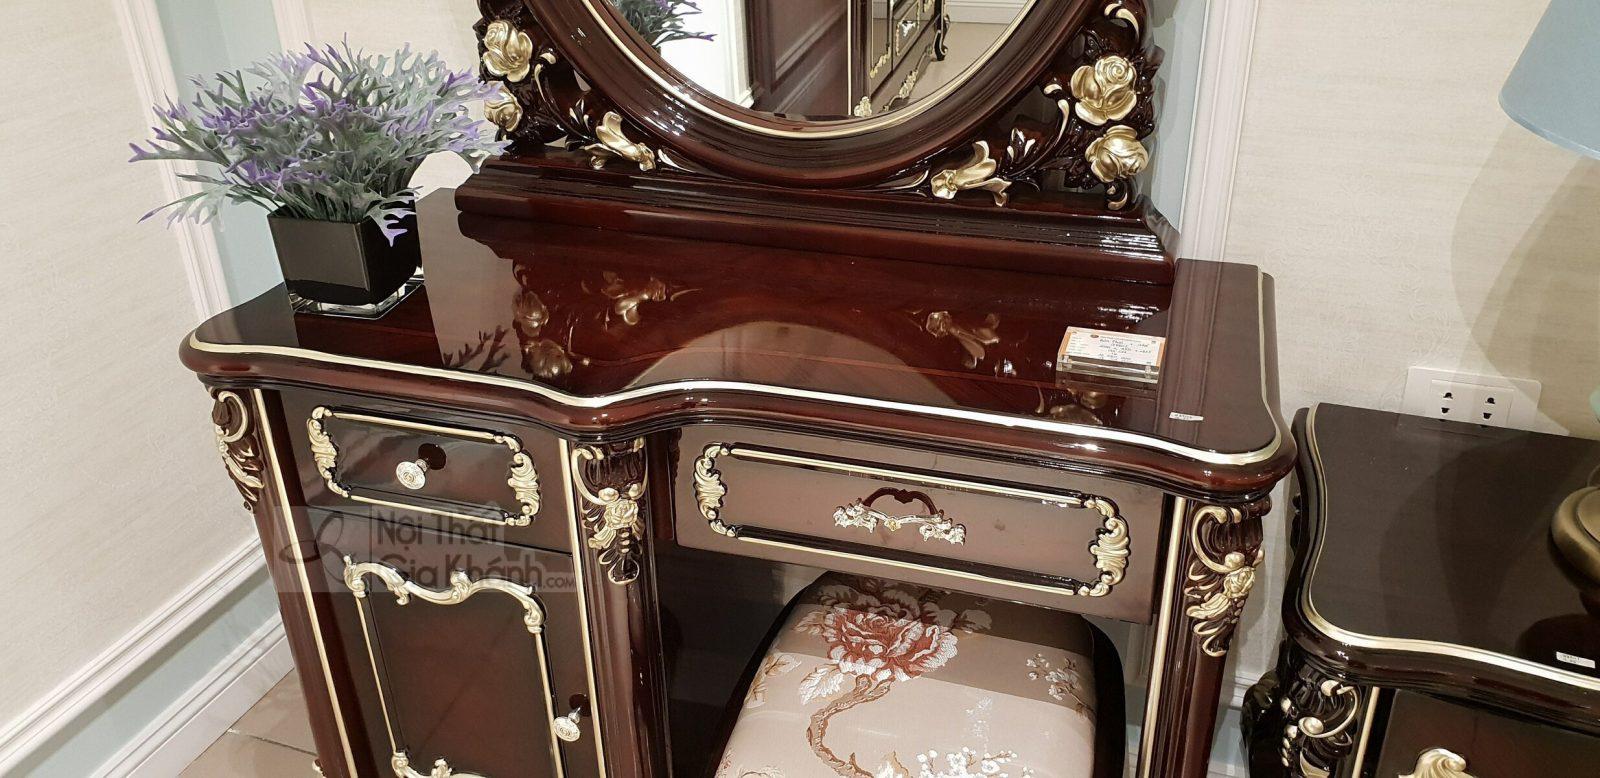 bo ban phan G8802C 7 - Bộ bàn trang điểm bằng gỗ cao cấp BD8802G